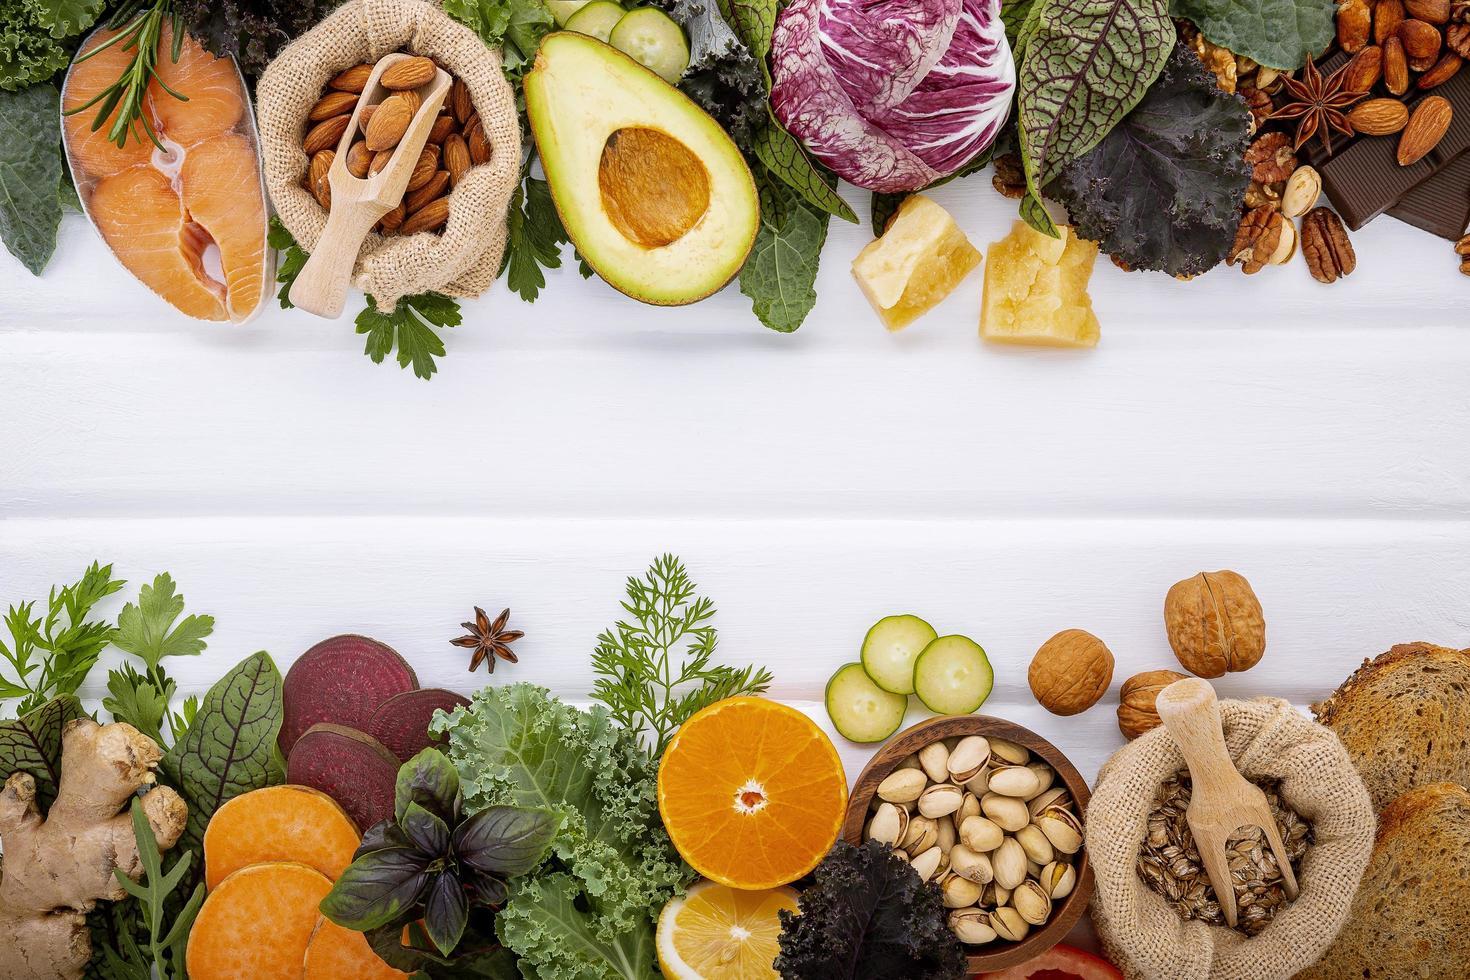 alimentos frescos em madeira branca foto